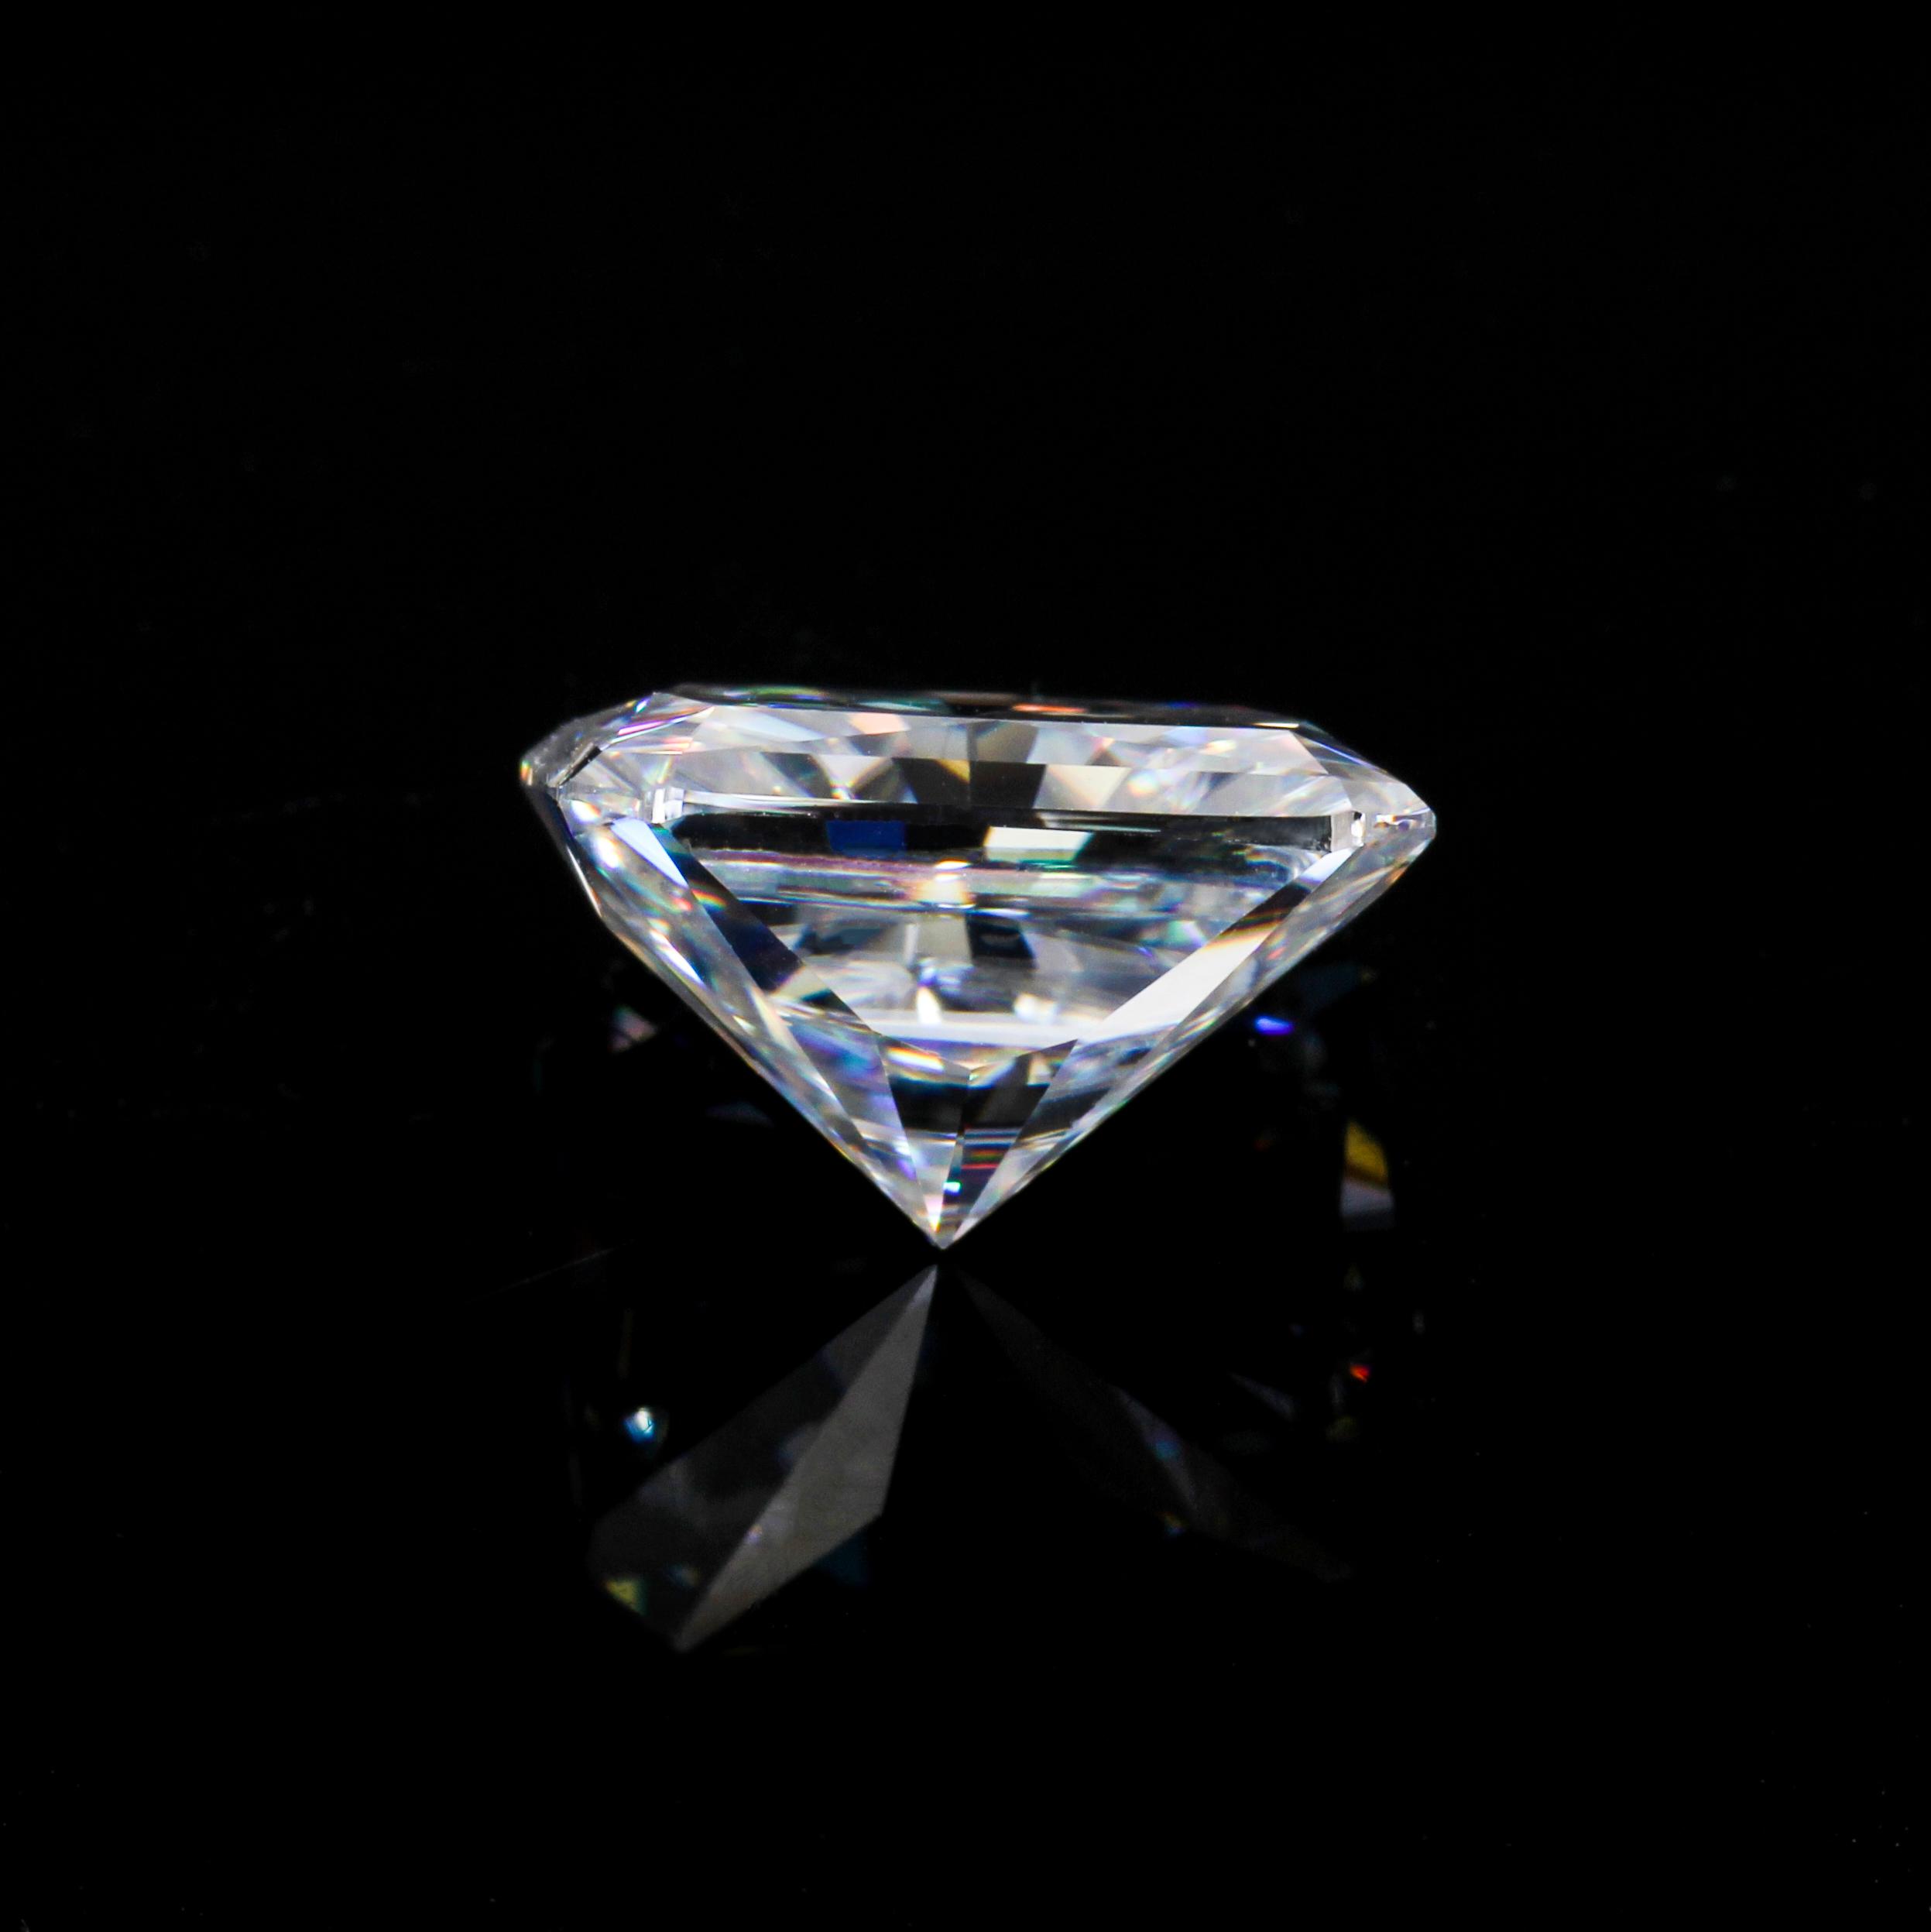 Starsgem high quality 1ct d color super white radiant moissanite